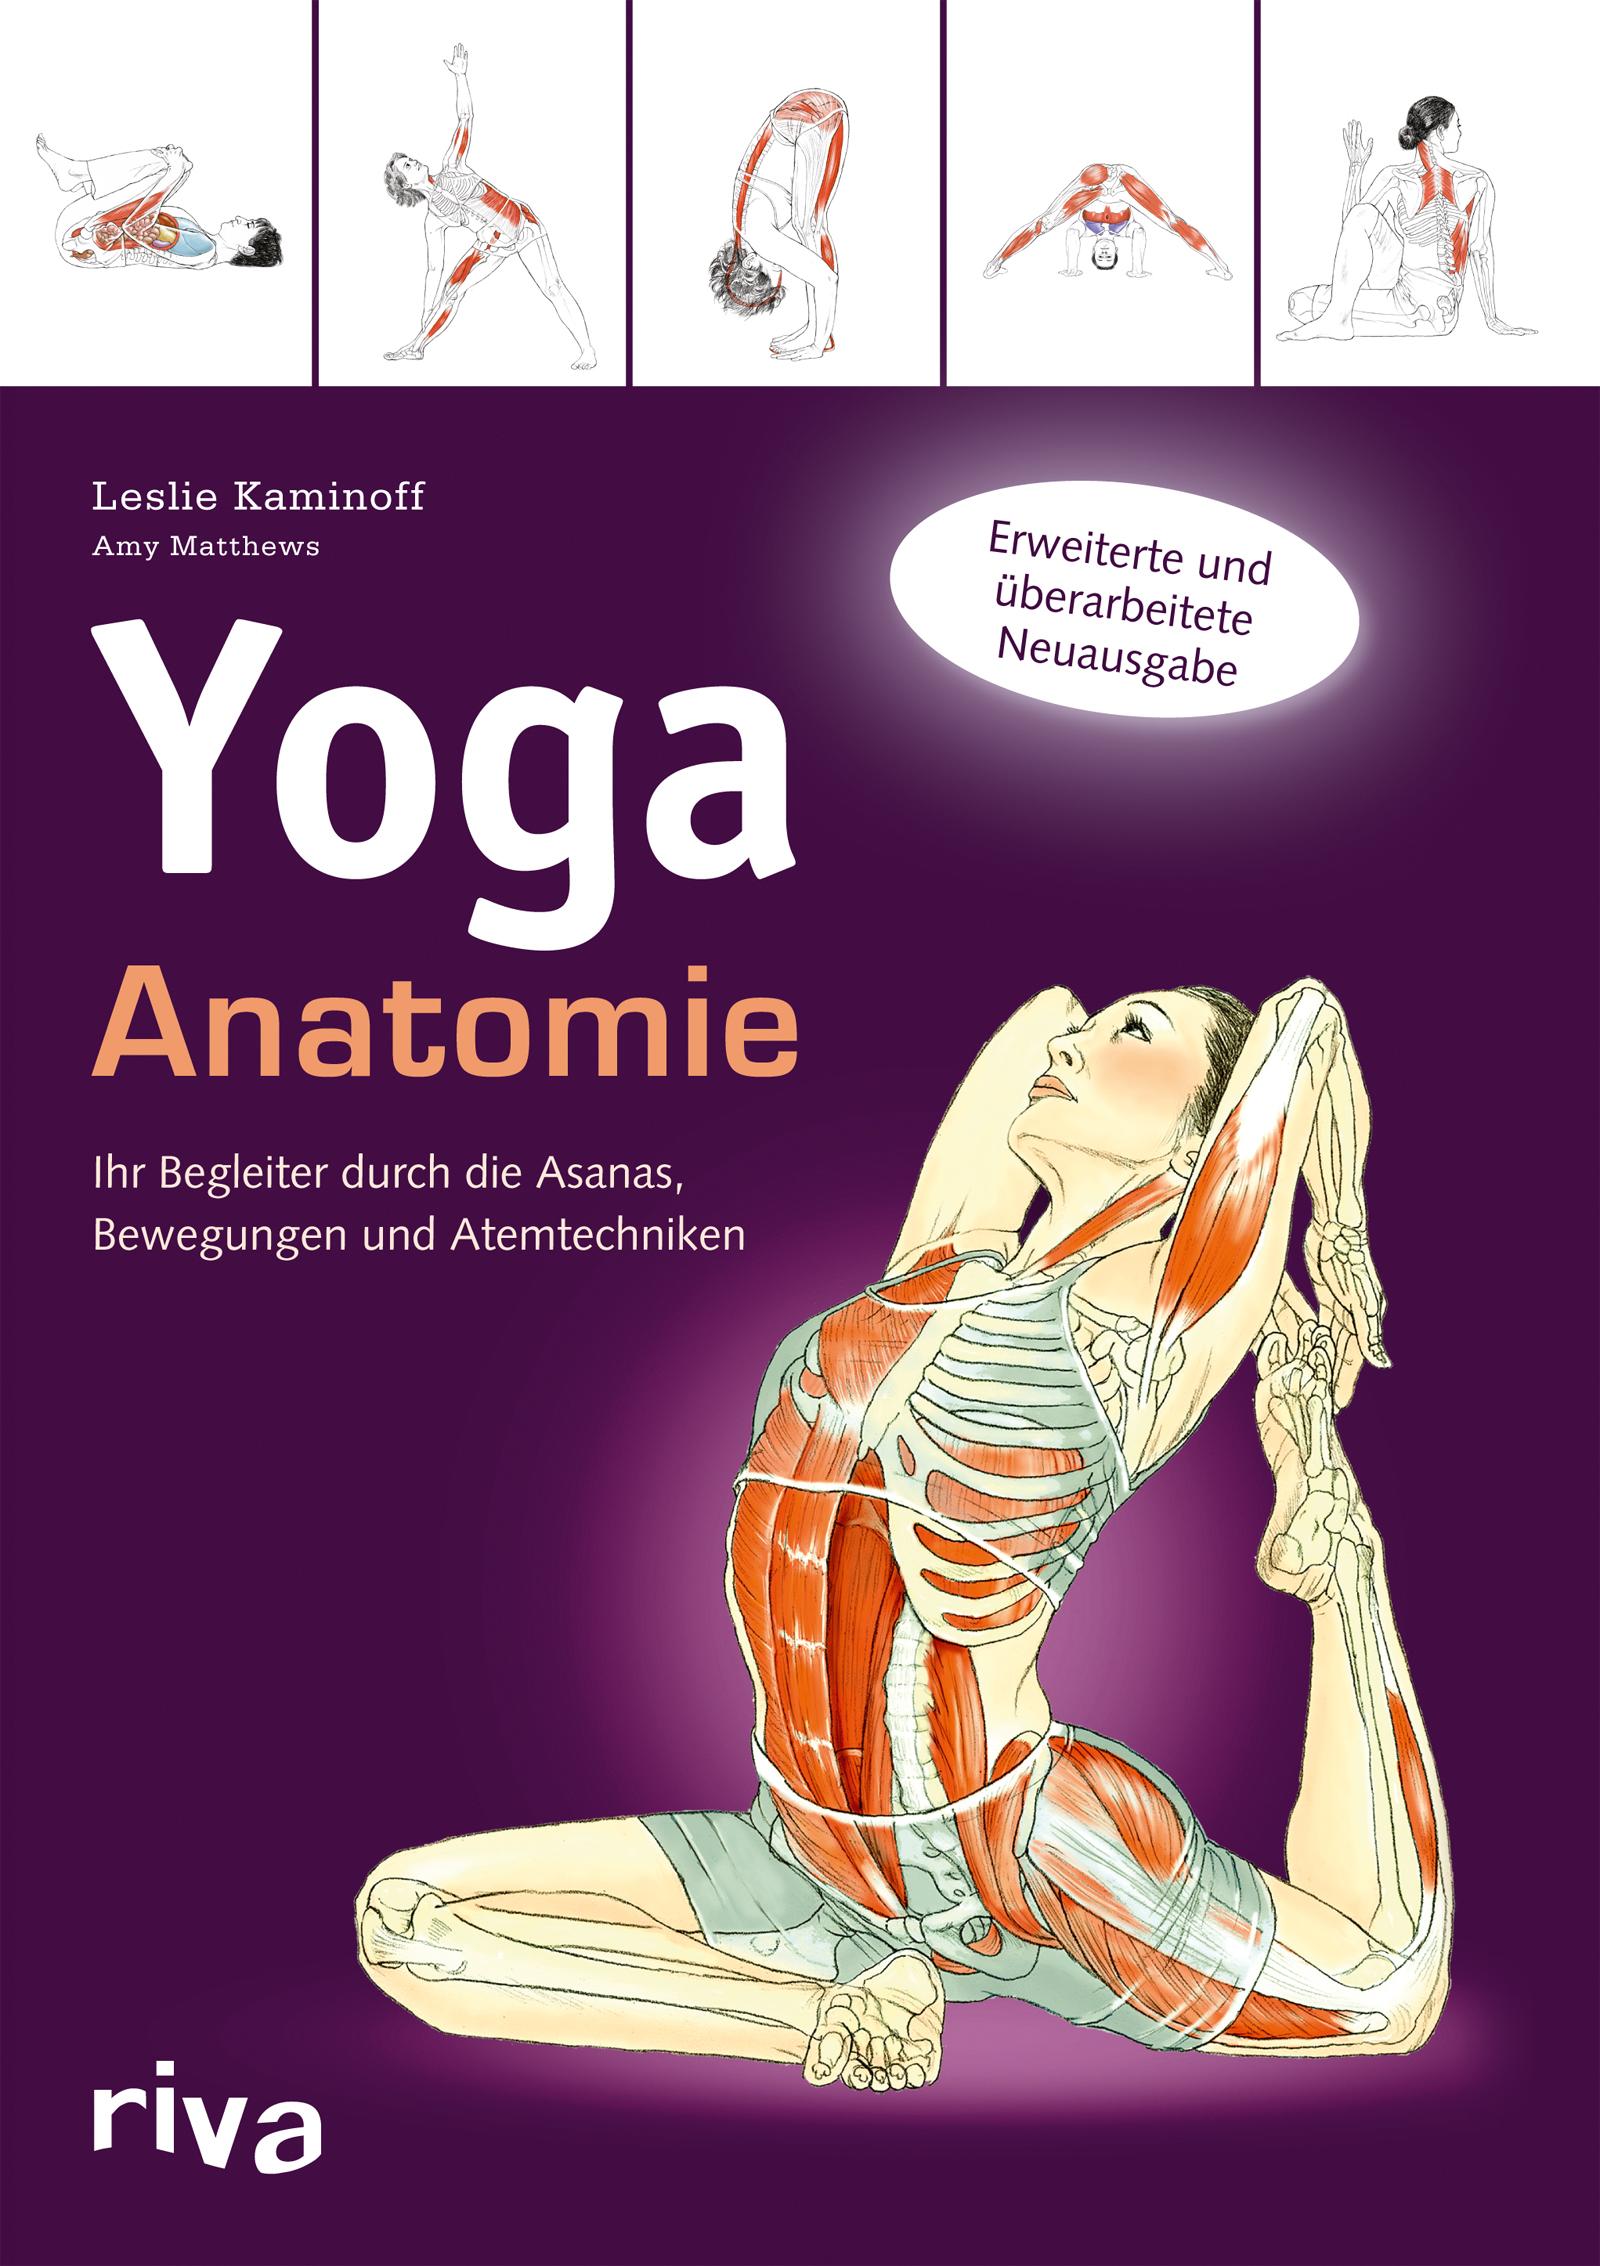 Yoga-Anatomie - Ihr Begleiter durch die Asanas, Bewegungen und ...